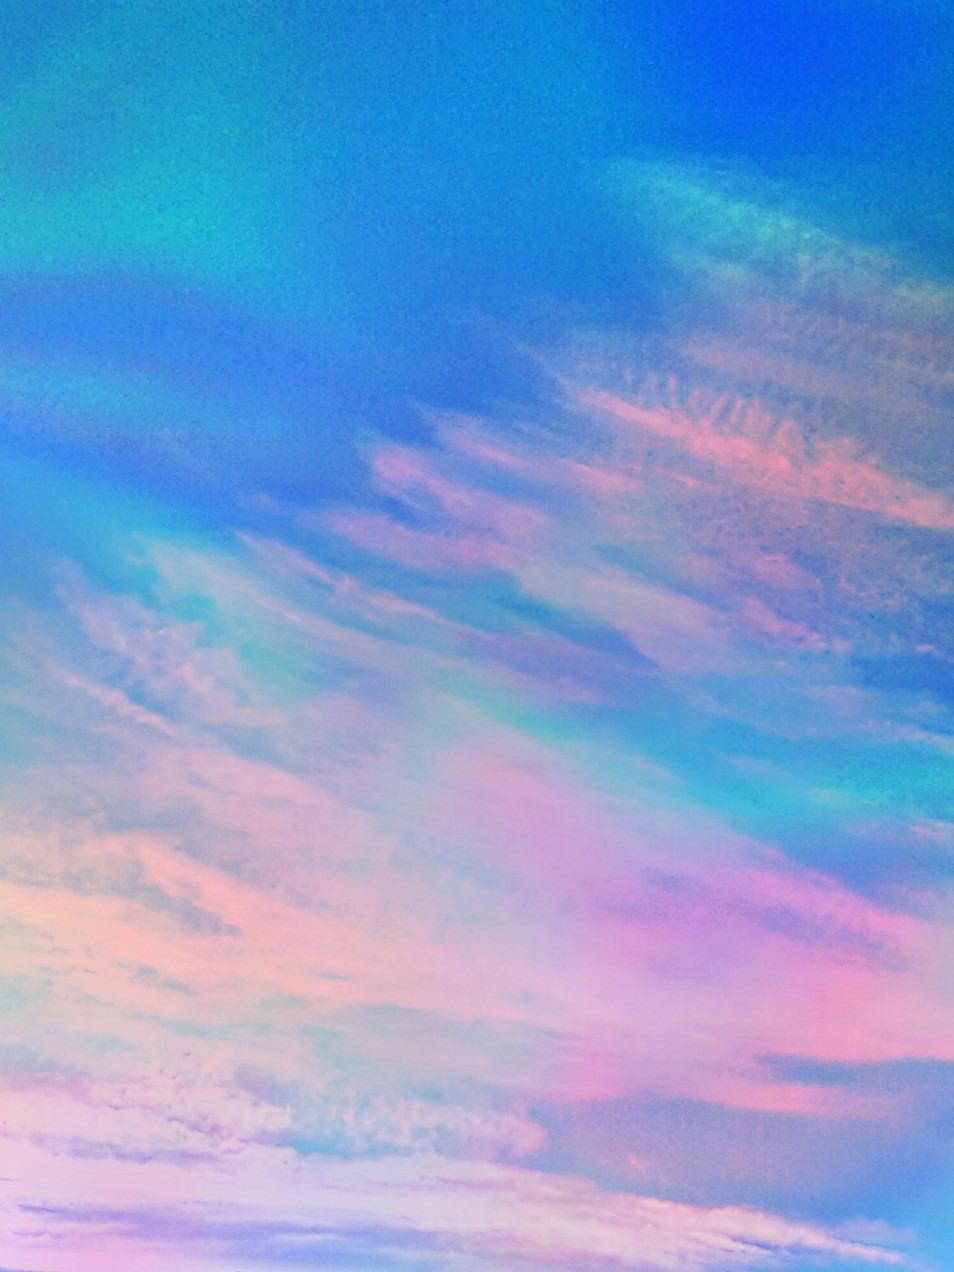 空 雲 月 素材 壁紙 82655552 完全無料画像検索のプリ画像 Bygmo